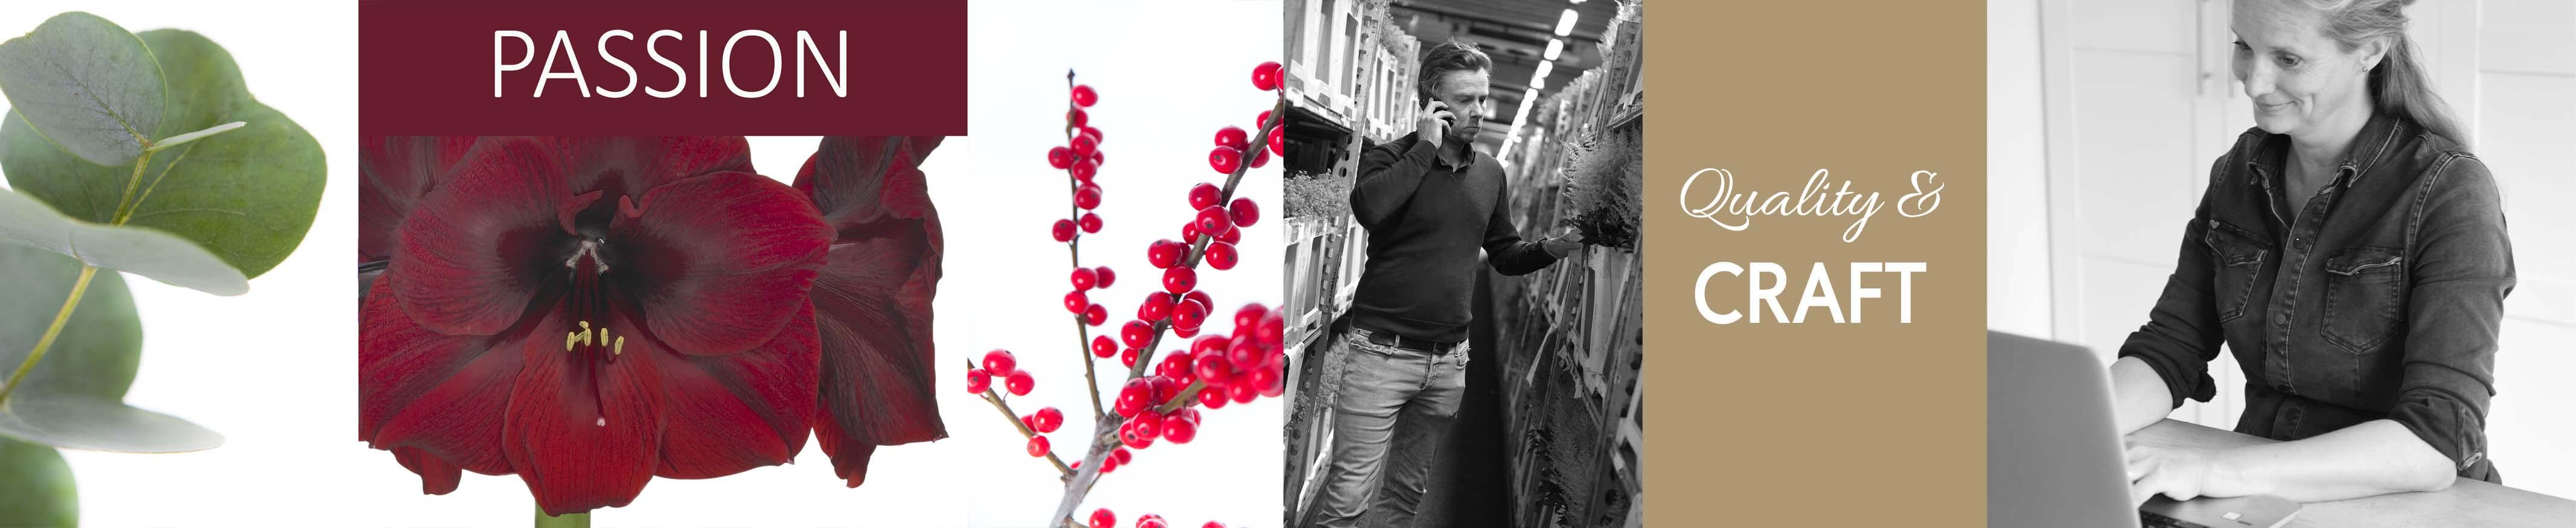 banner-min-versie-winter-1024x210